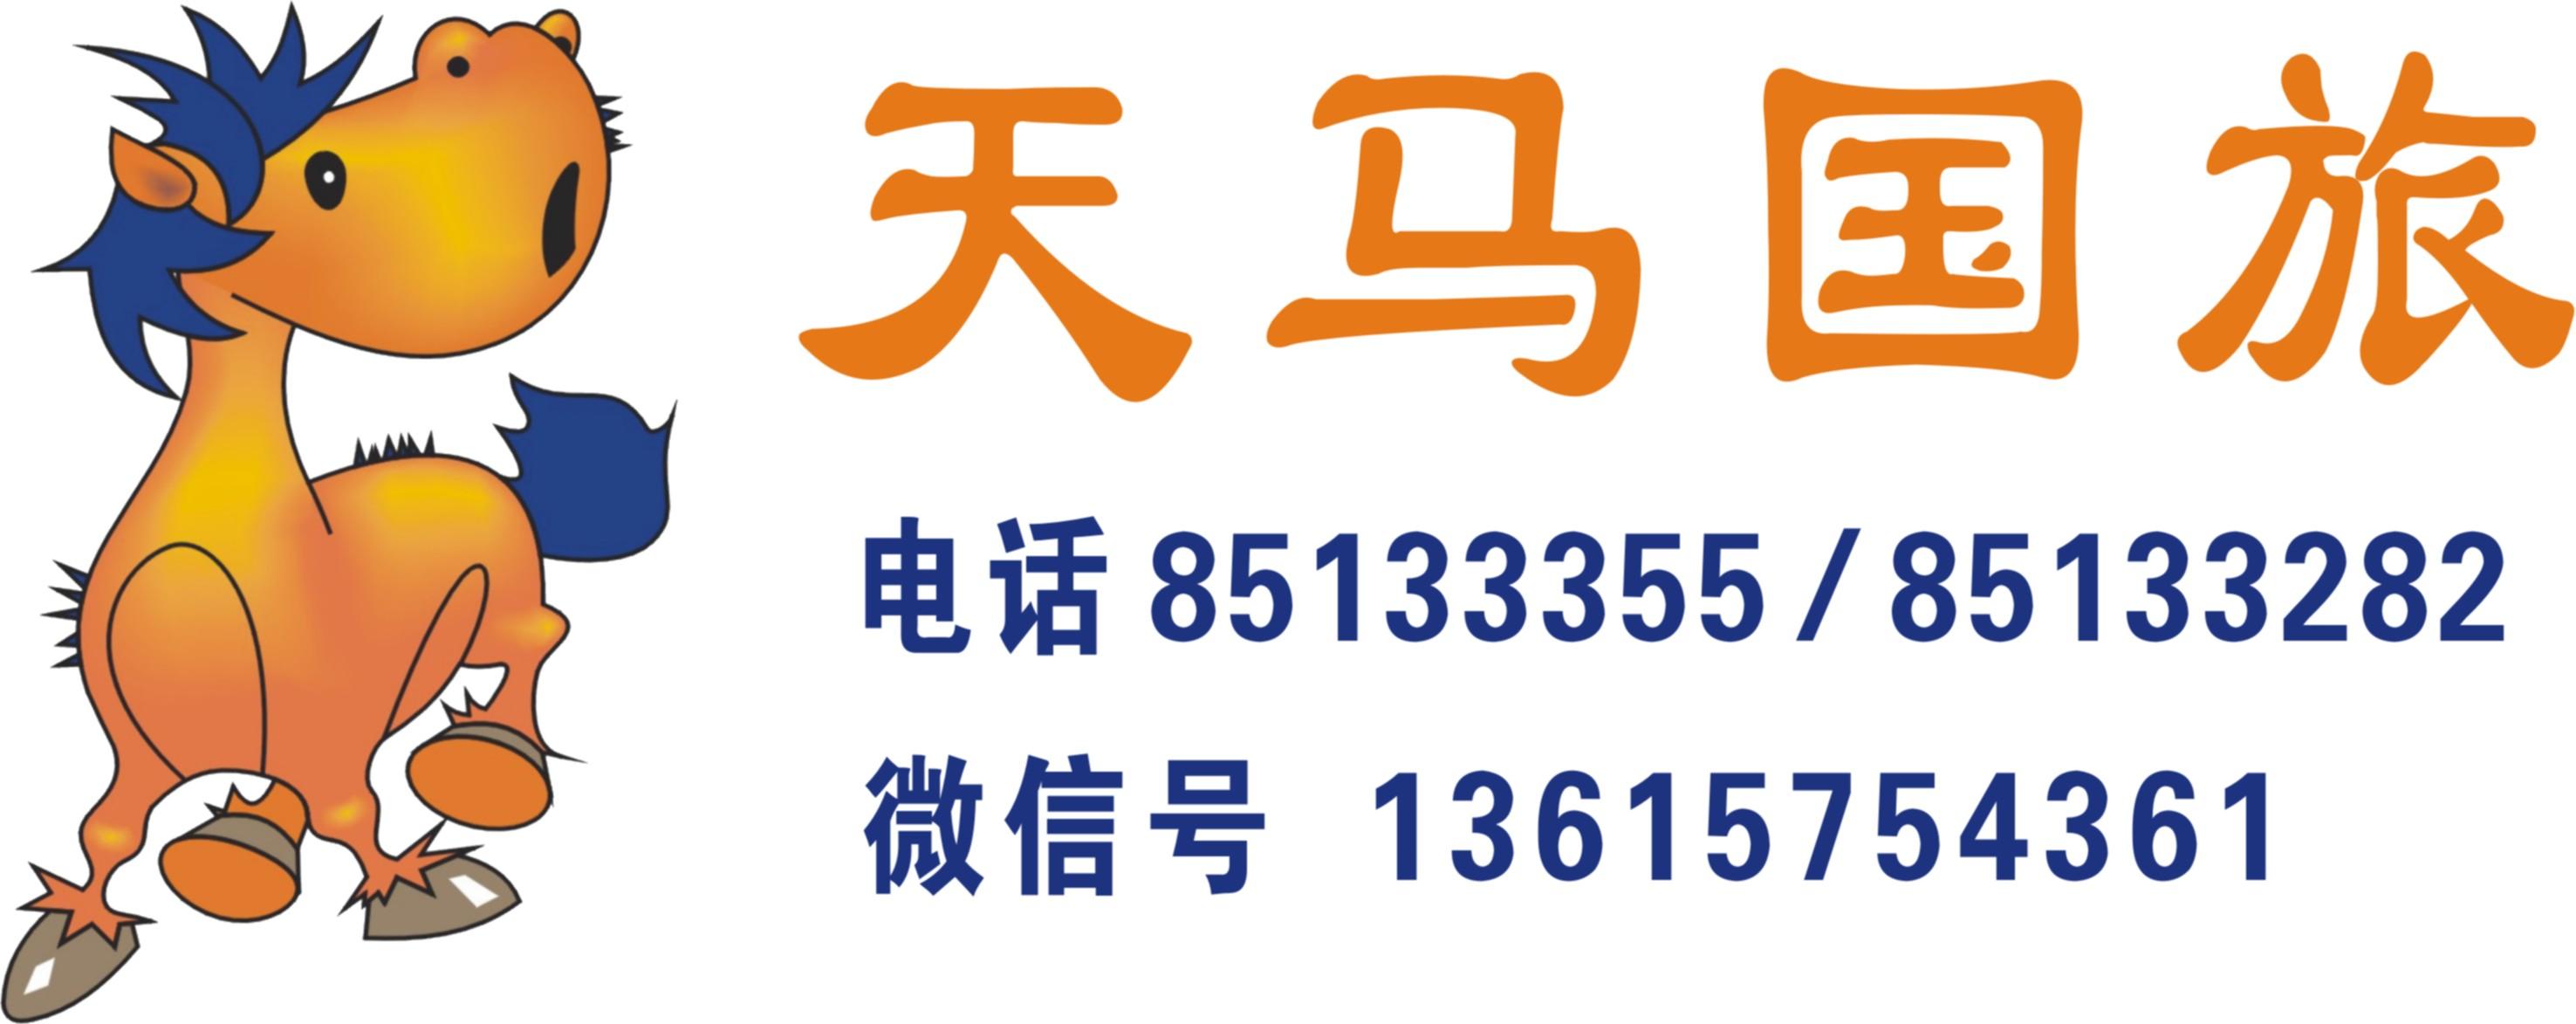 12月【武夷山、天游峰、九曲溪竹筏、虎啸岩纯玩三日】准三